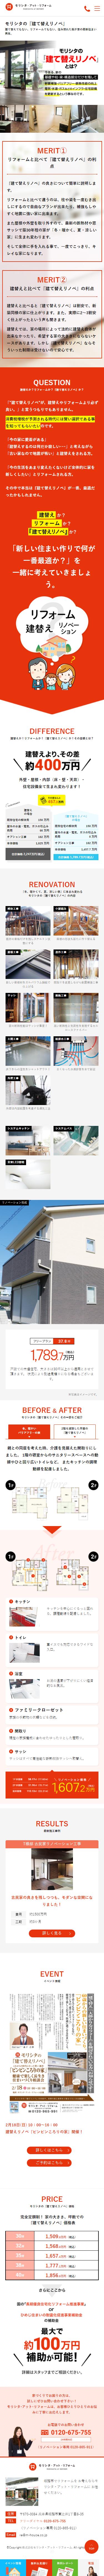 姫路市 モリシタアットリフォーム様 ホームページ制作4